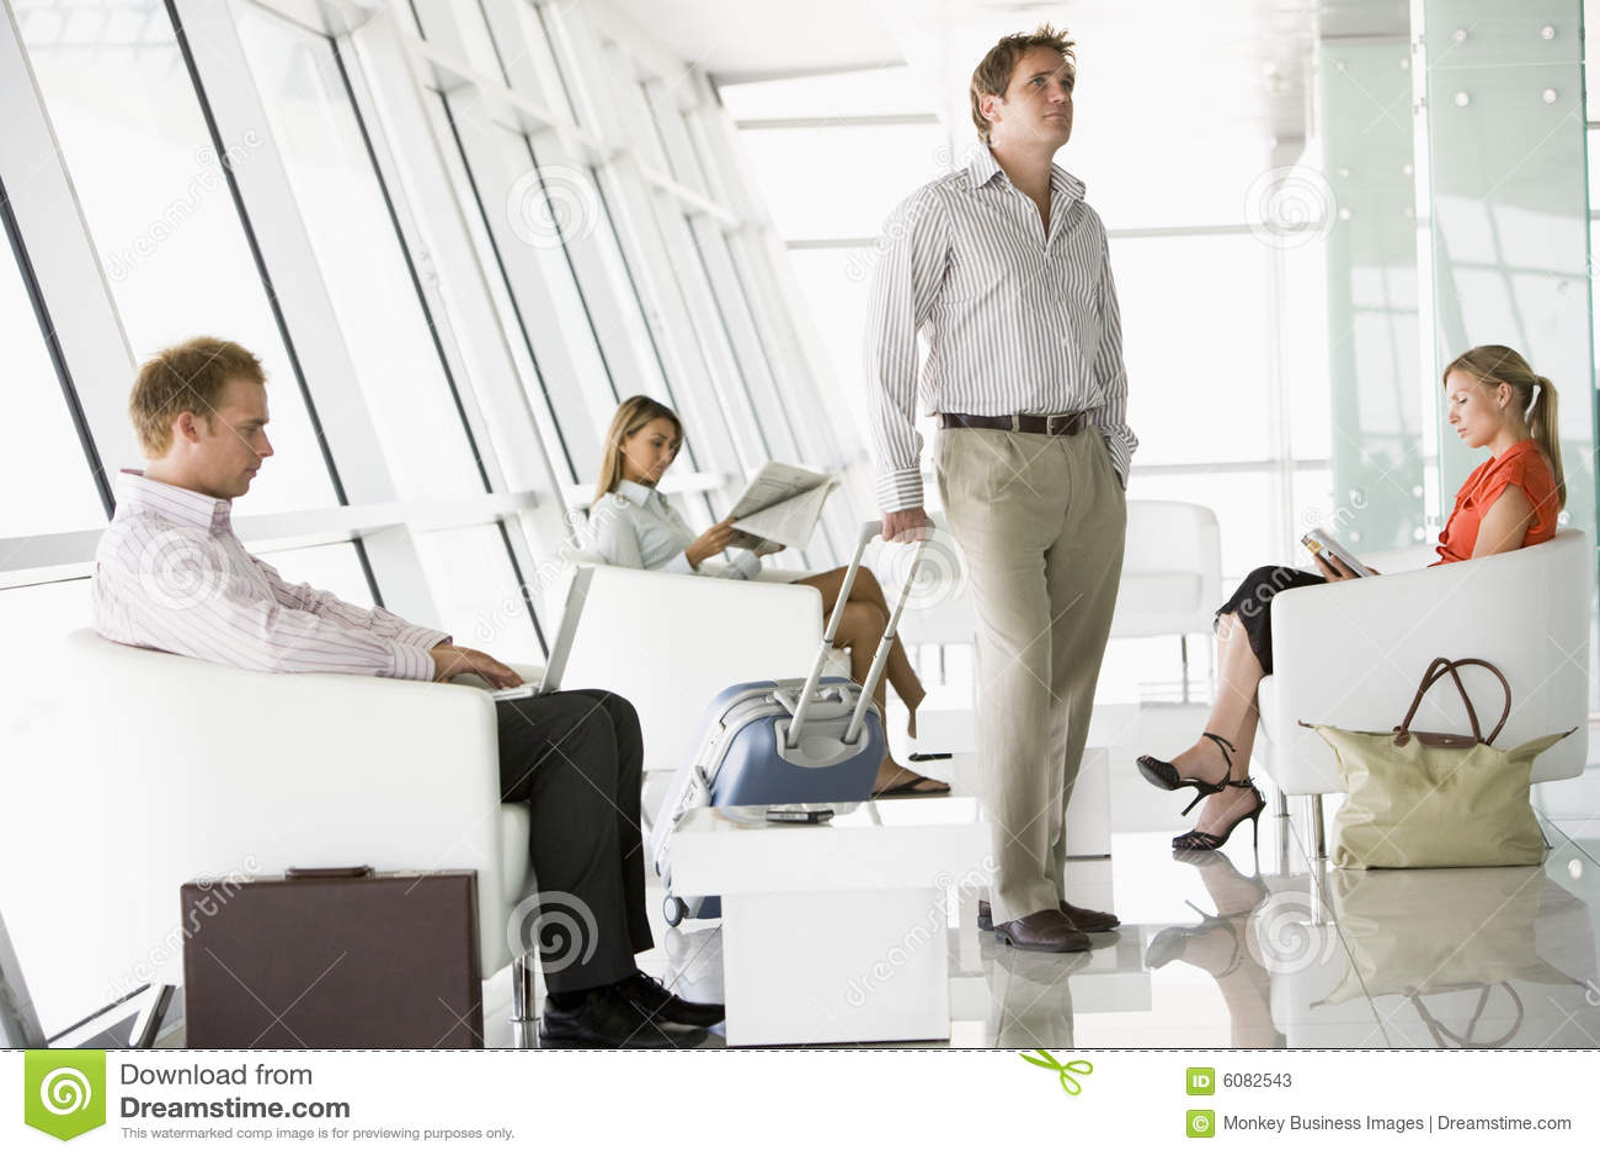 Port lotniczy pasażerów wyjścia holów czekać